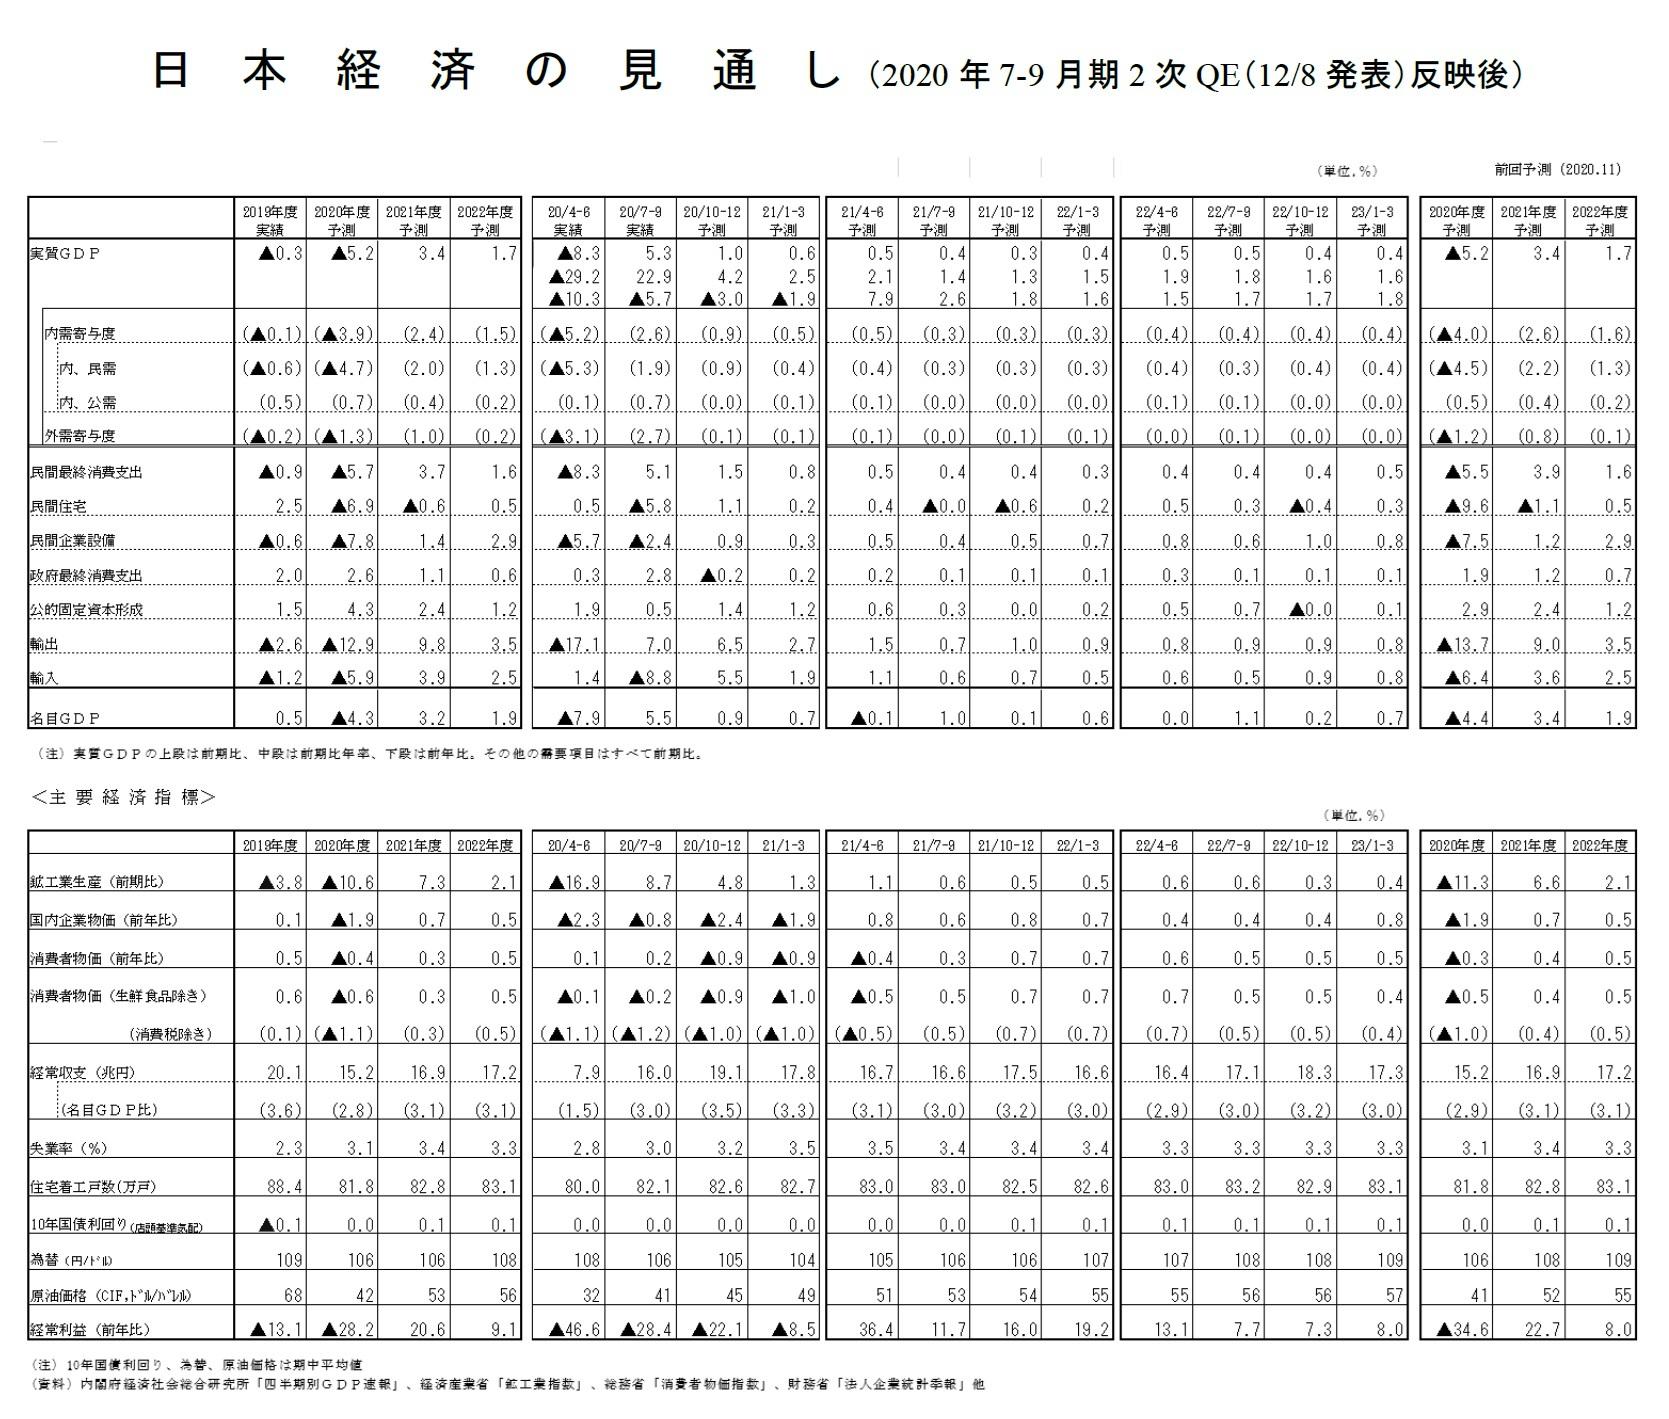 日本経済の見通し(2020年7-9月期2次QE(12/8発表)反映後)